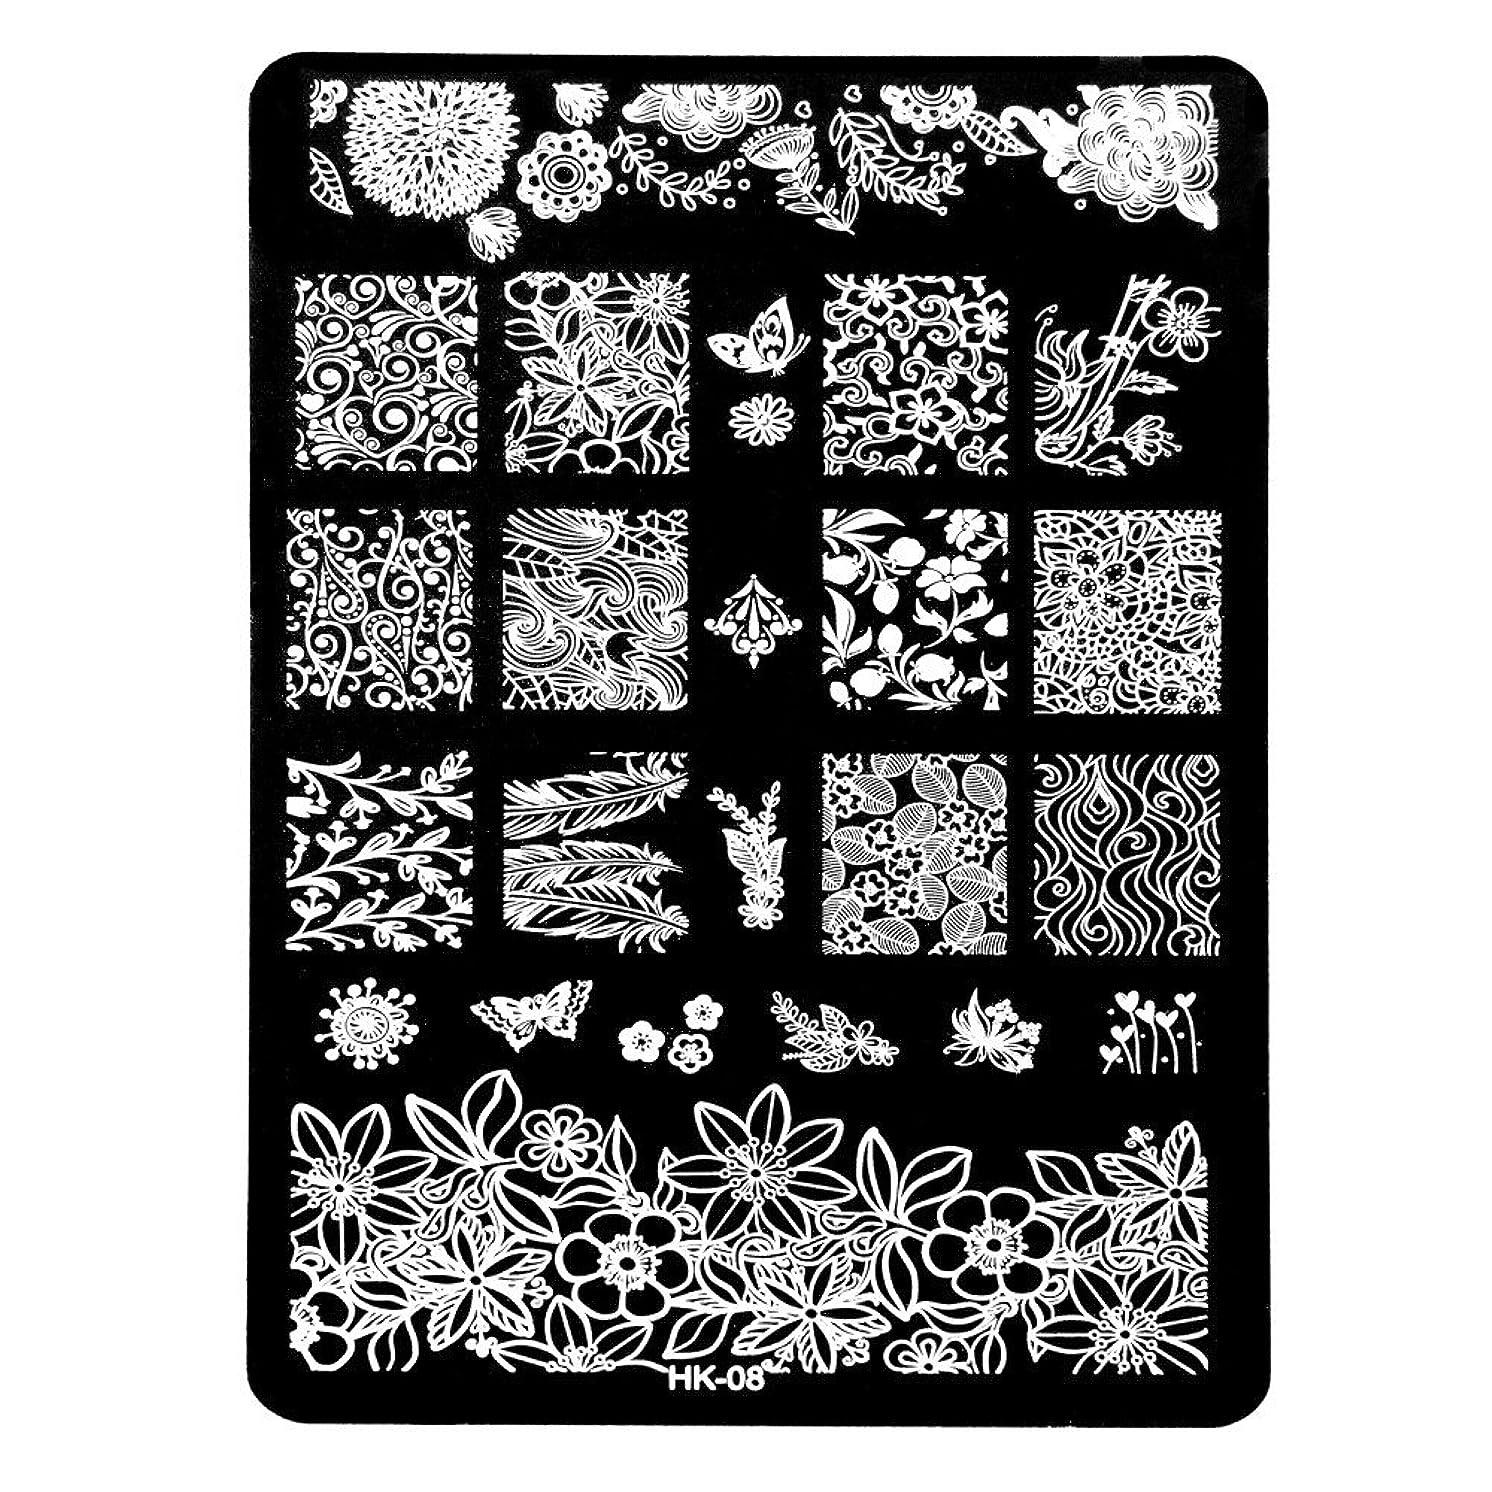 削除するリンクバンジョー[ルテンズ] スタンピングプレートセット 花柄 ネイルプレート ネイルアートツール ネイルプレート ネイルスタンパー ネイルスタンプ スタンプネイル ネイルデザイン用品